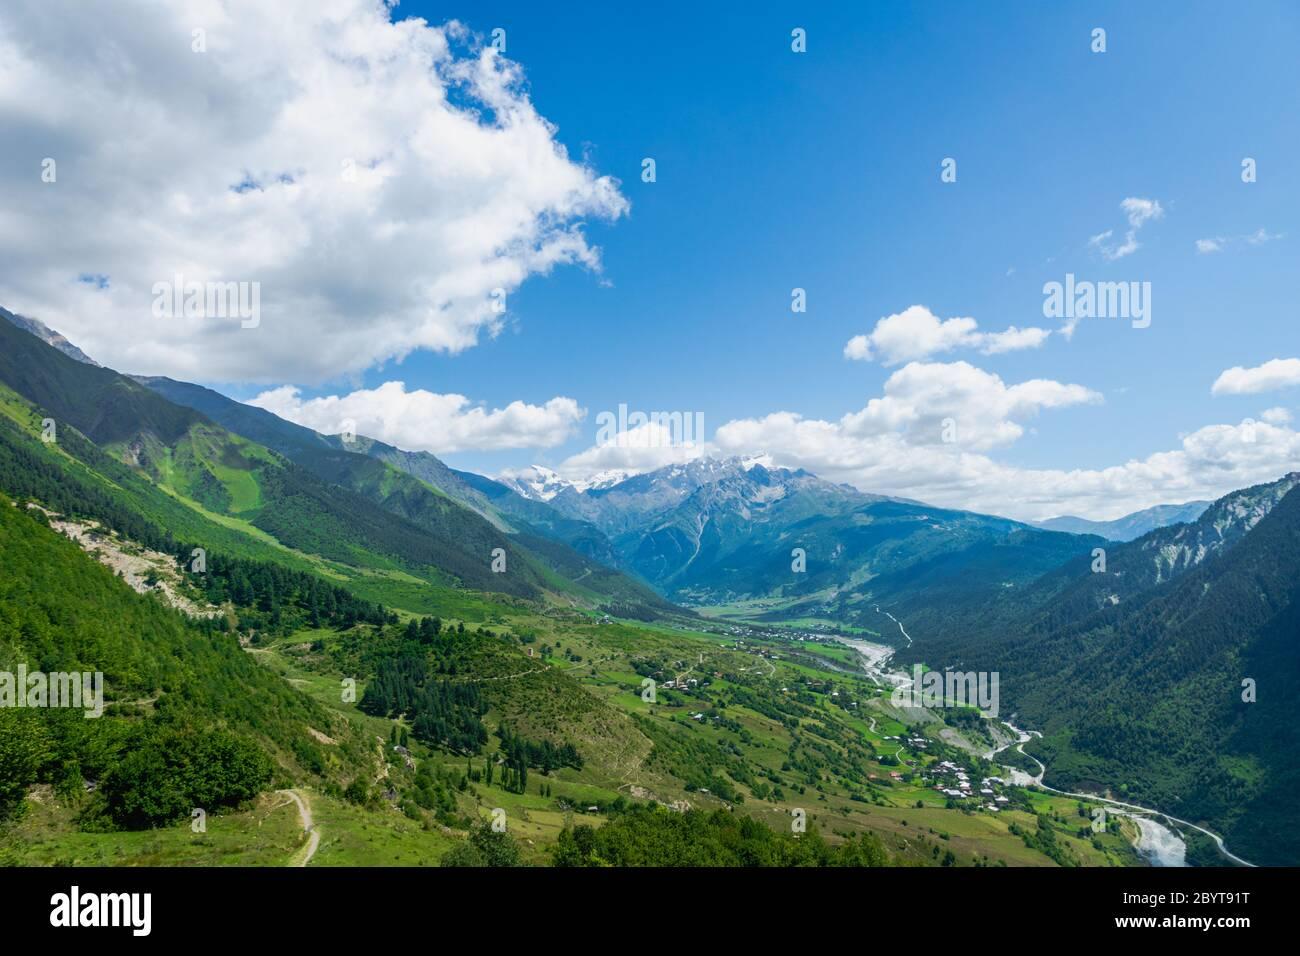 Paysage de montagne et de village de Svaneti sur la route de randonnée et de randonnée près du village de Mestia dans la région de Svaneti, patrimoine de l'UNESCO en Géorgie. Banque D'Images